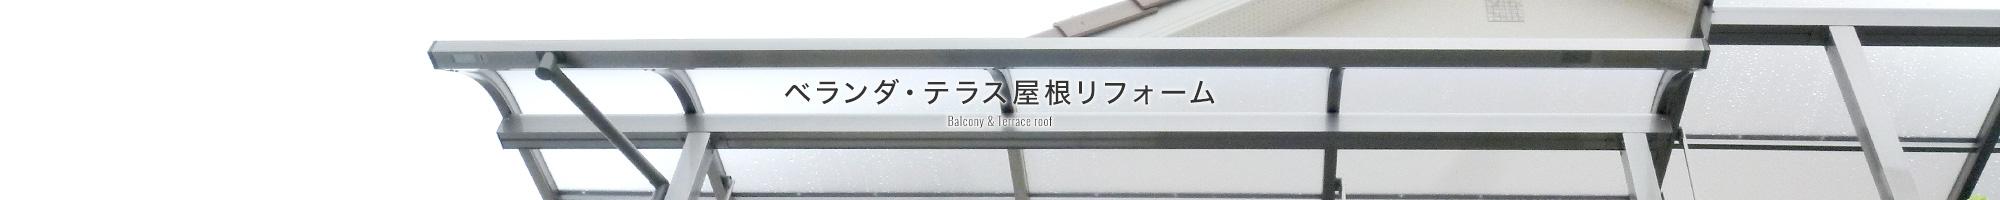 ベランダ・テラス屋根リフォーム